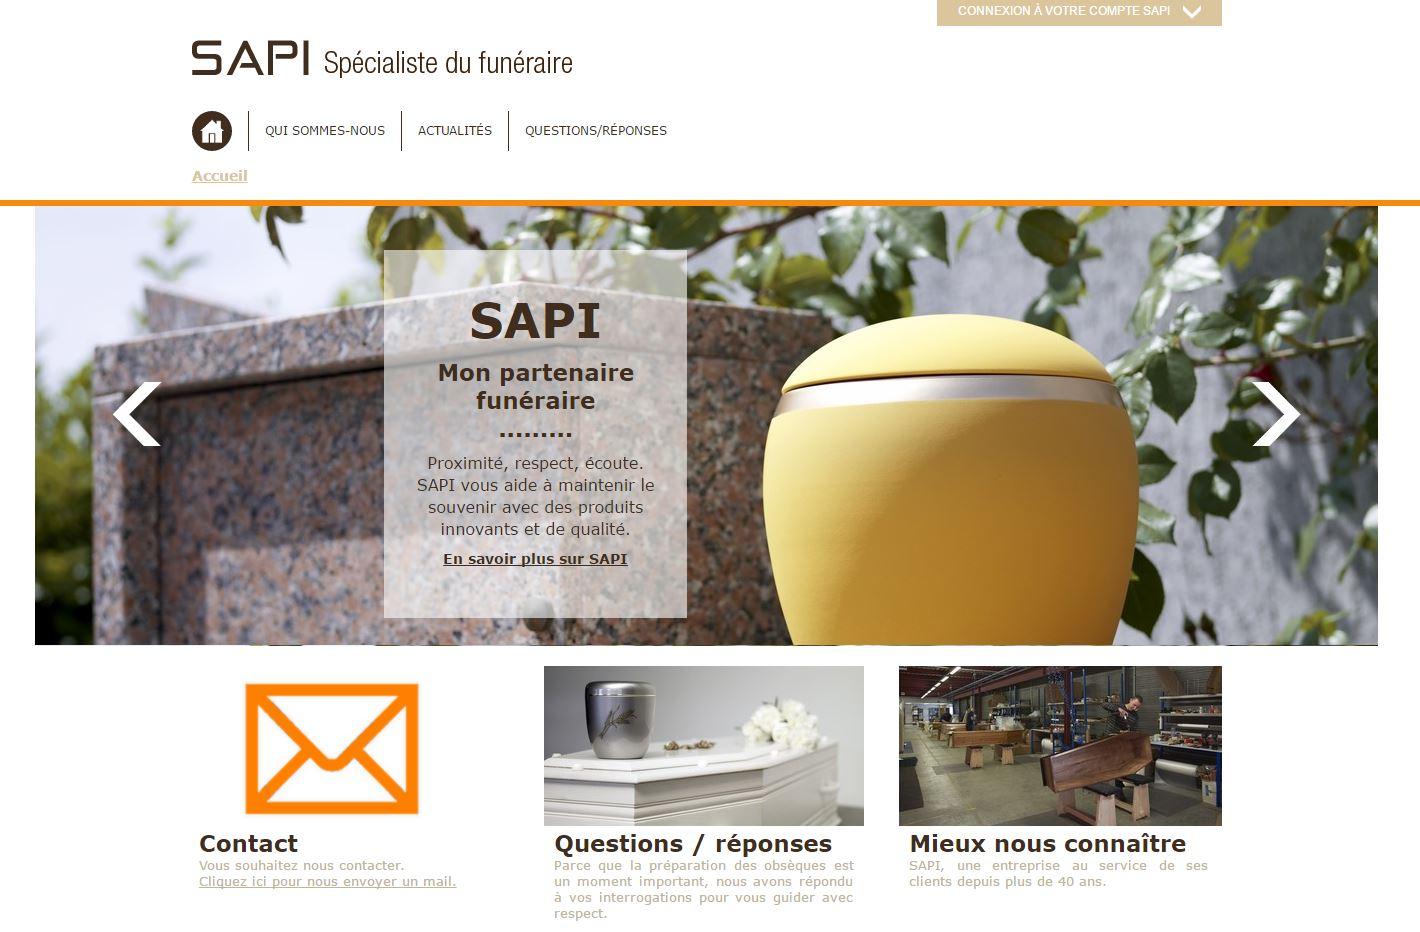 SAPI: cercueils et distribution funeraire